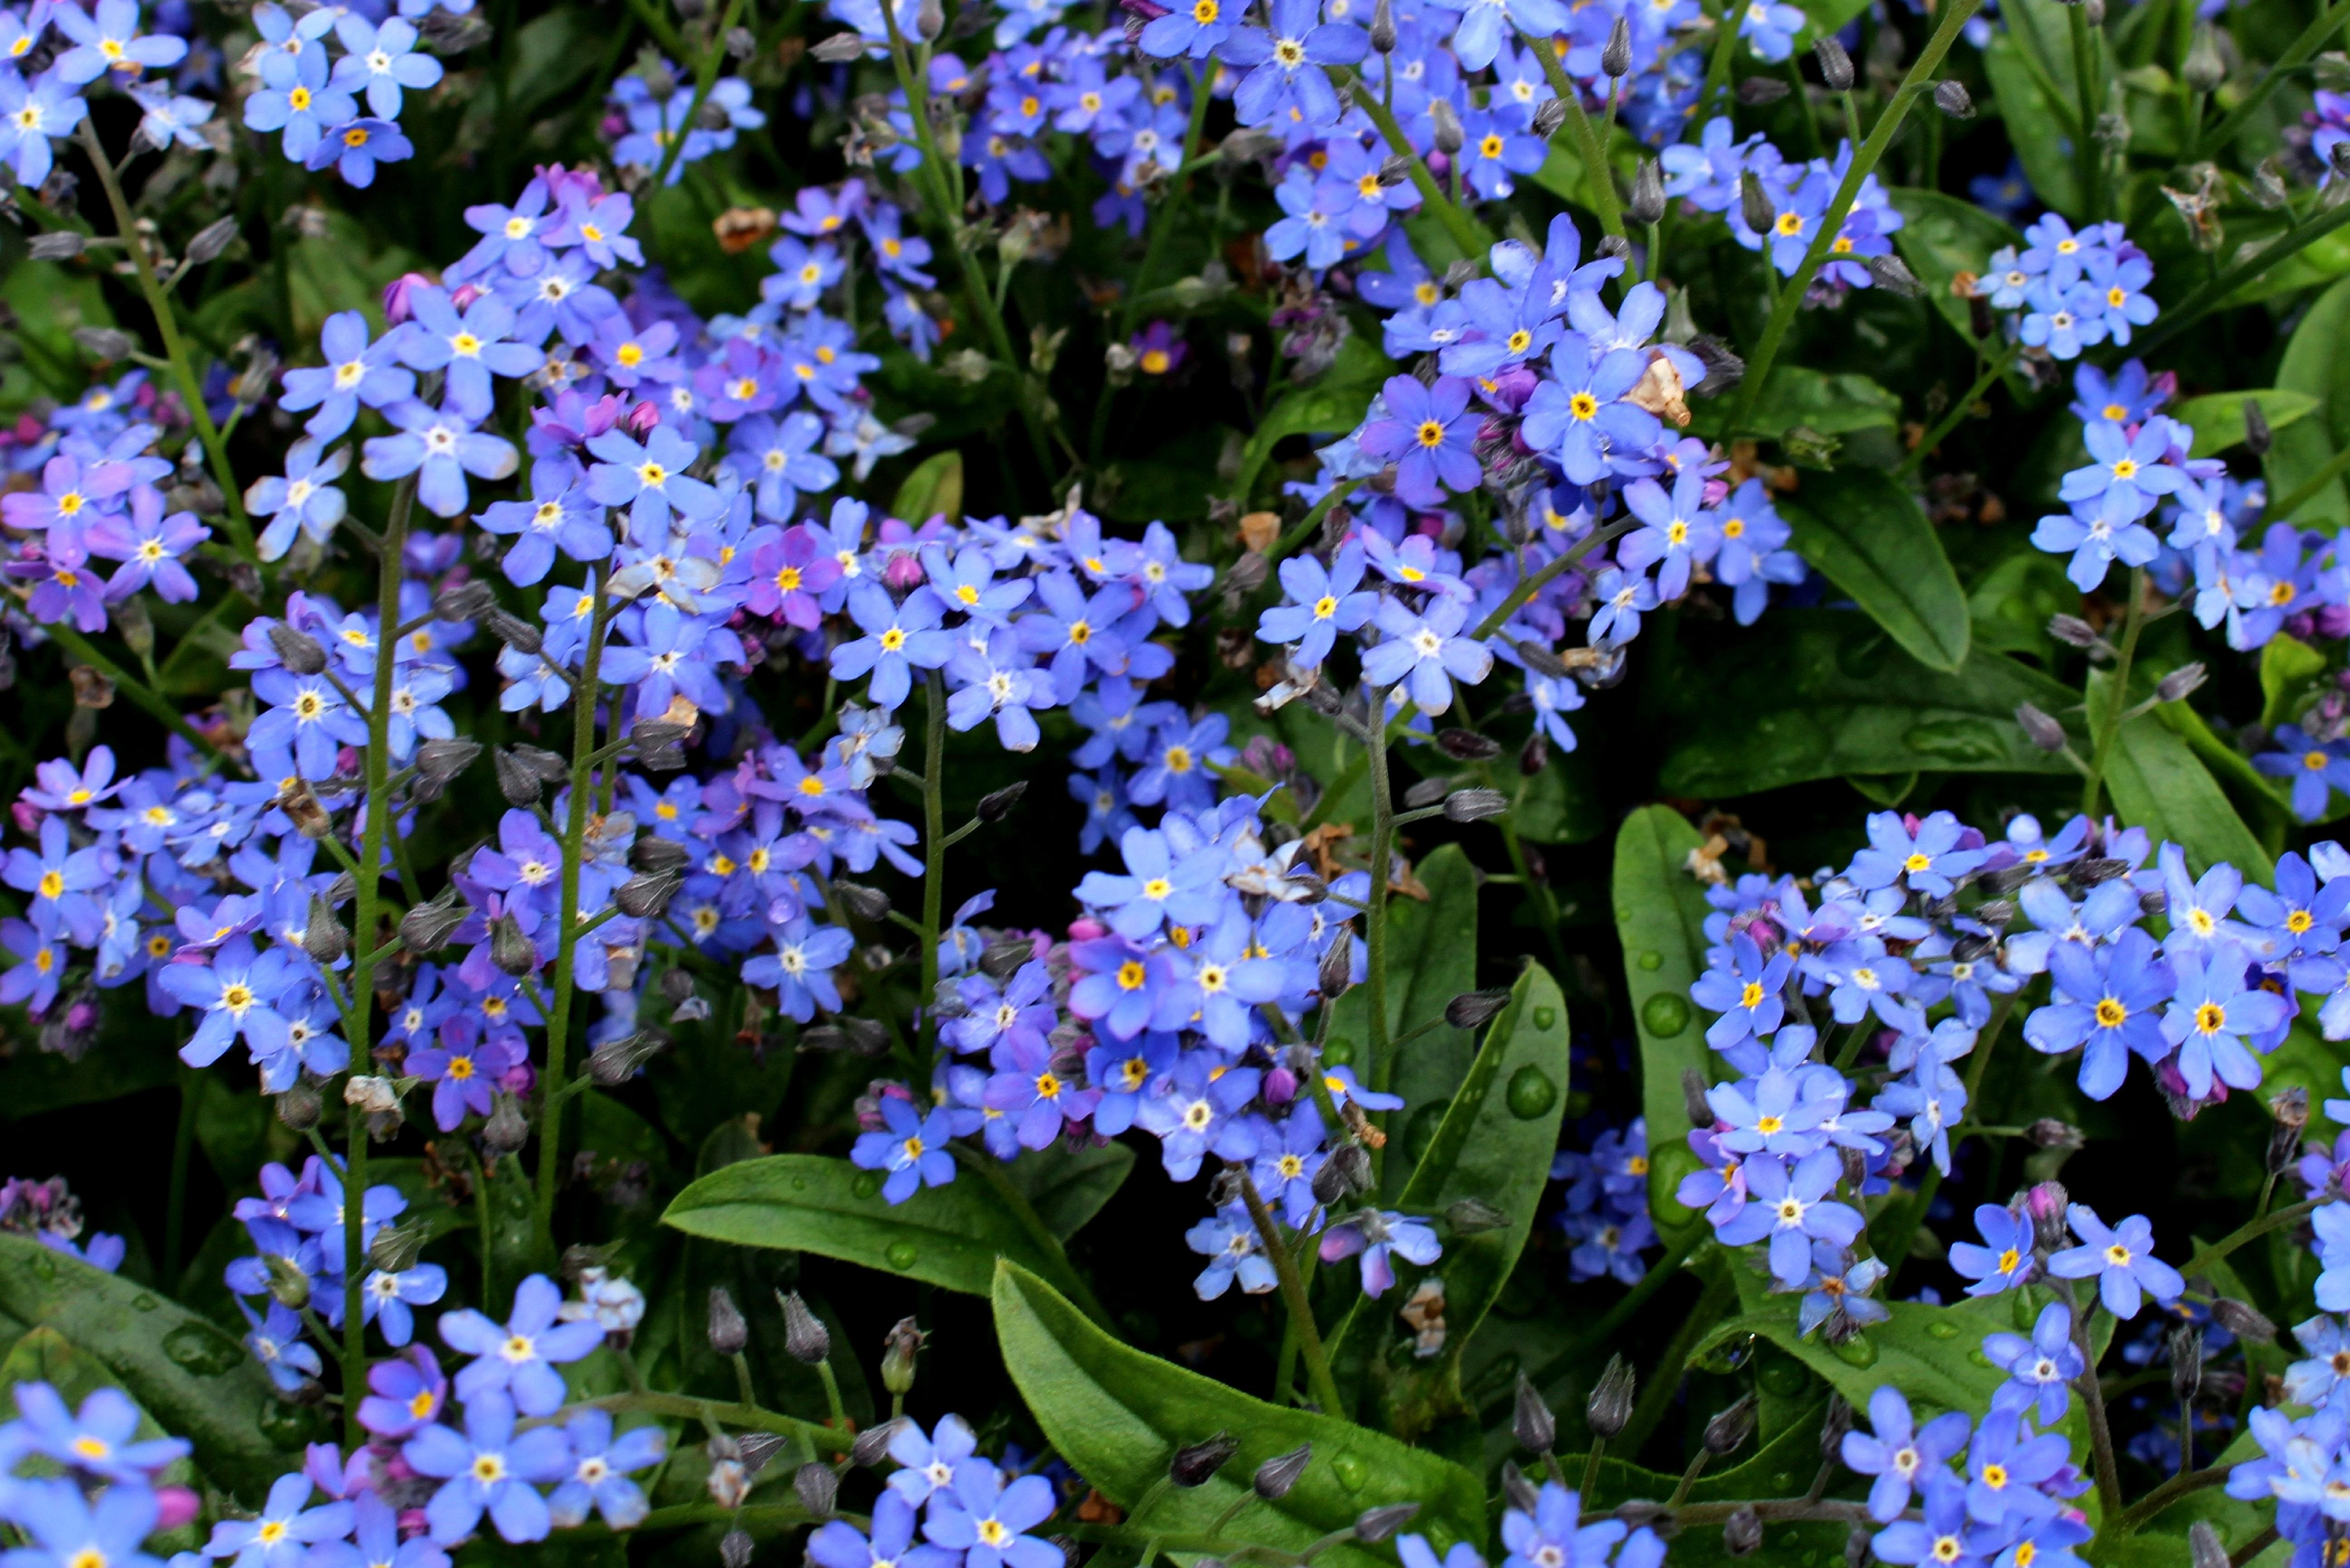 Fotos Gratis : Lluvia, Florecer, Azul, Flor Silvestre